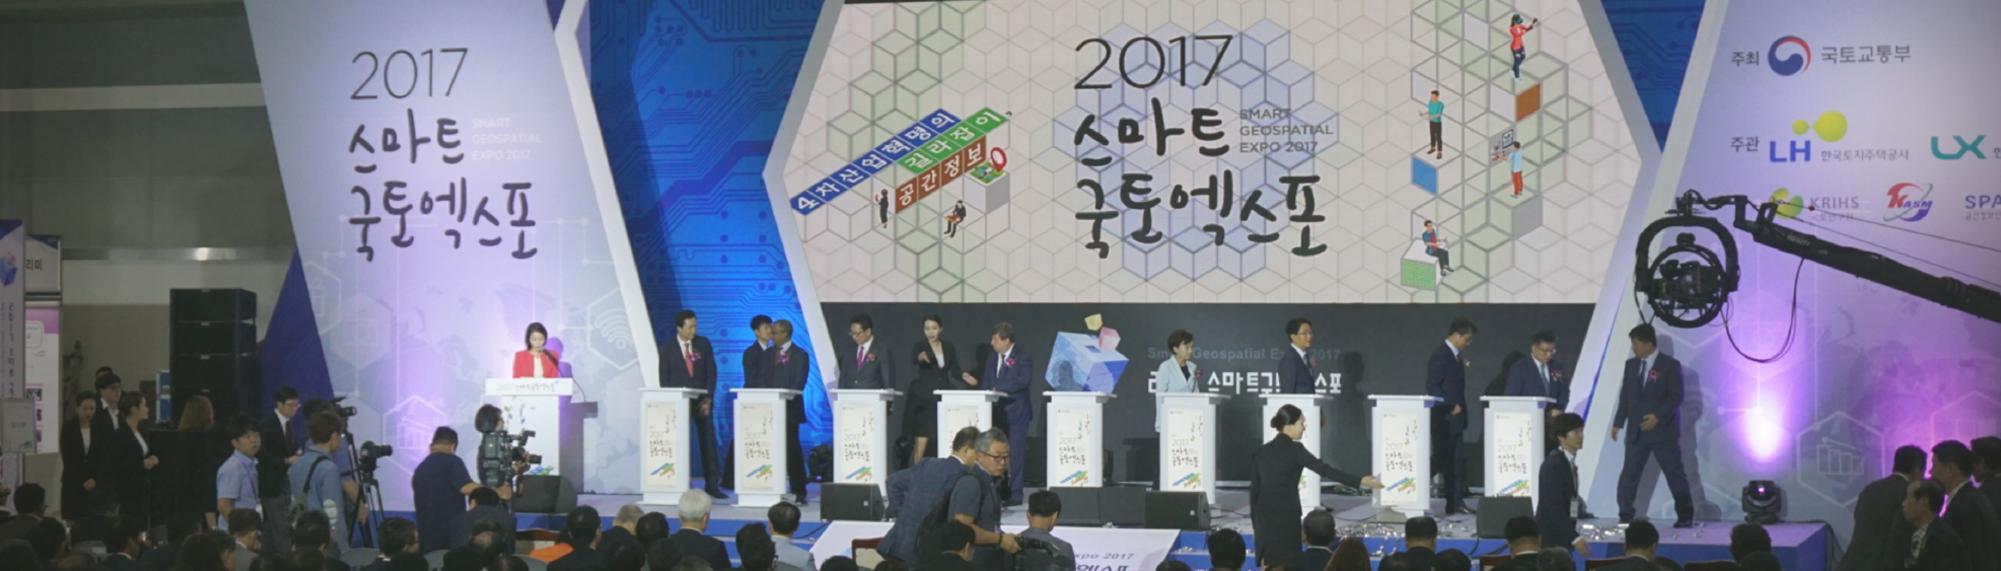 2017 스마트국토엑스포